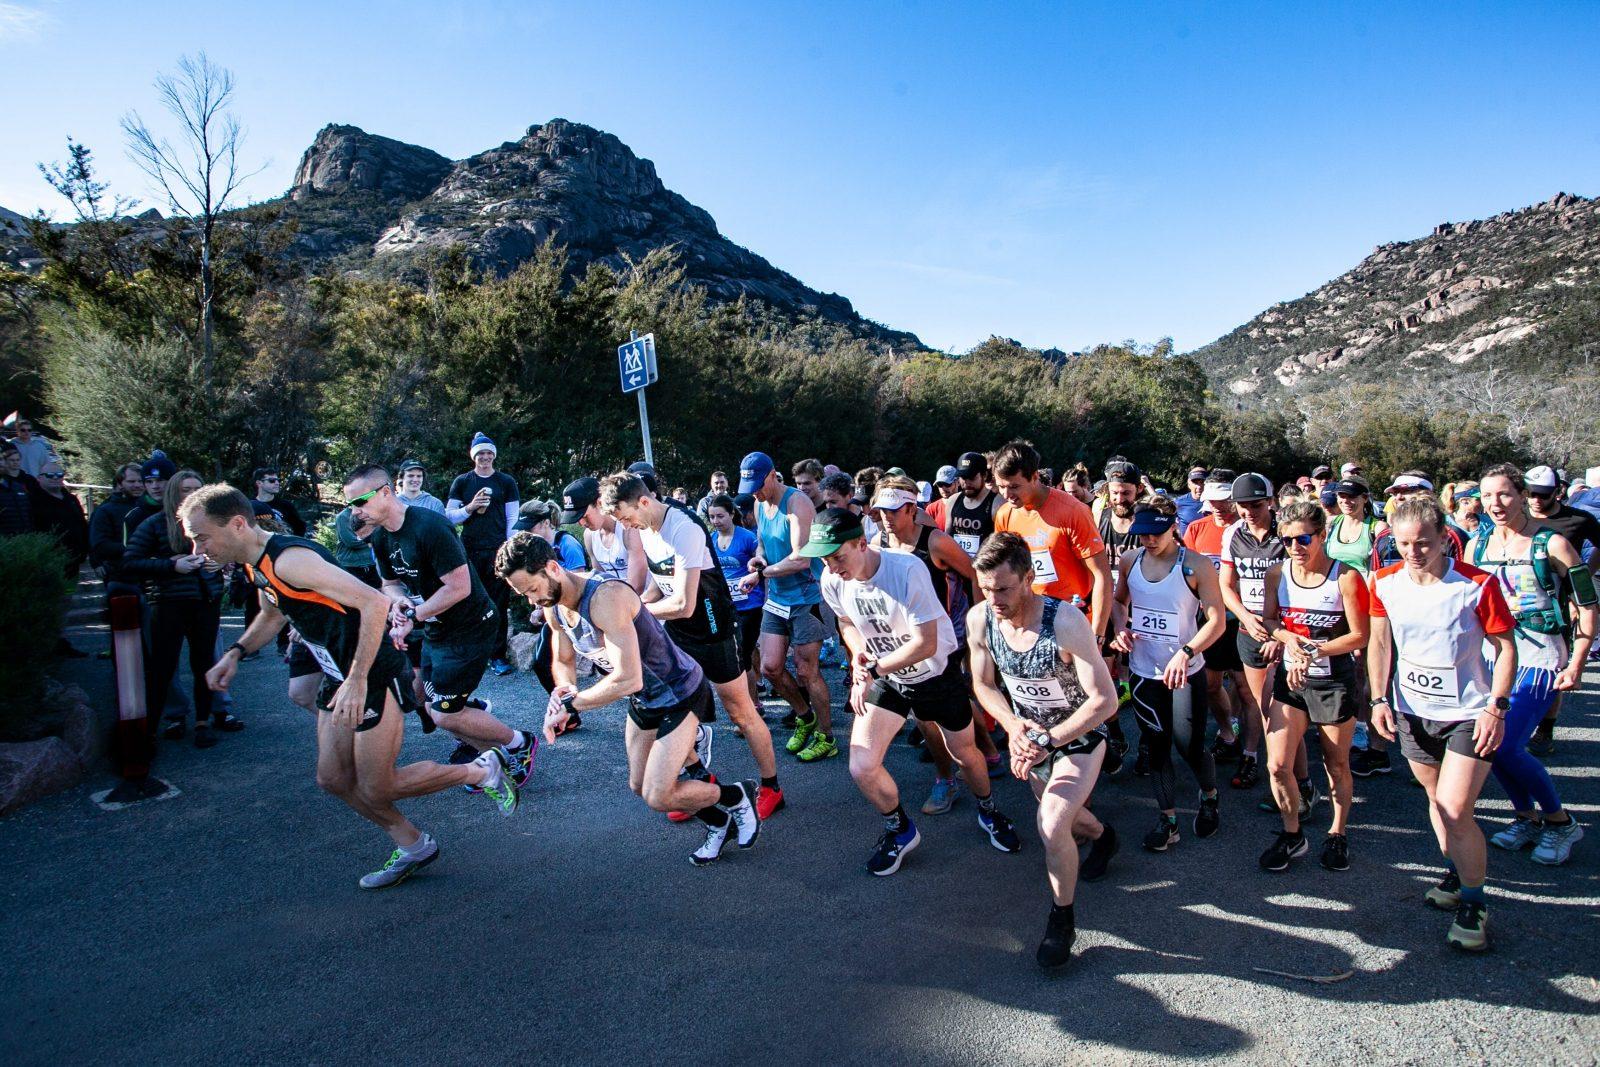 Freycinet Challenge Trail run start day 1